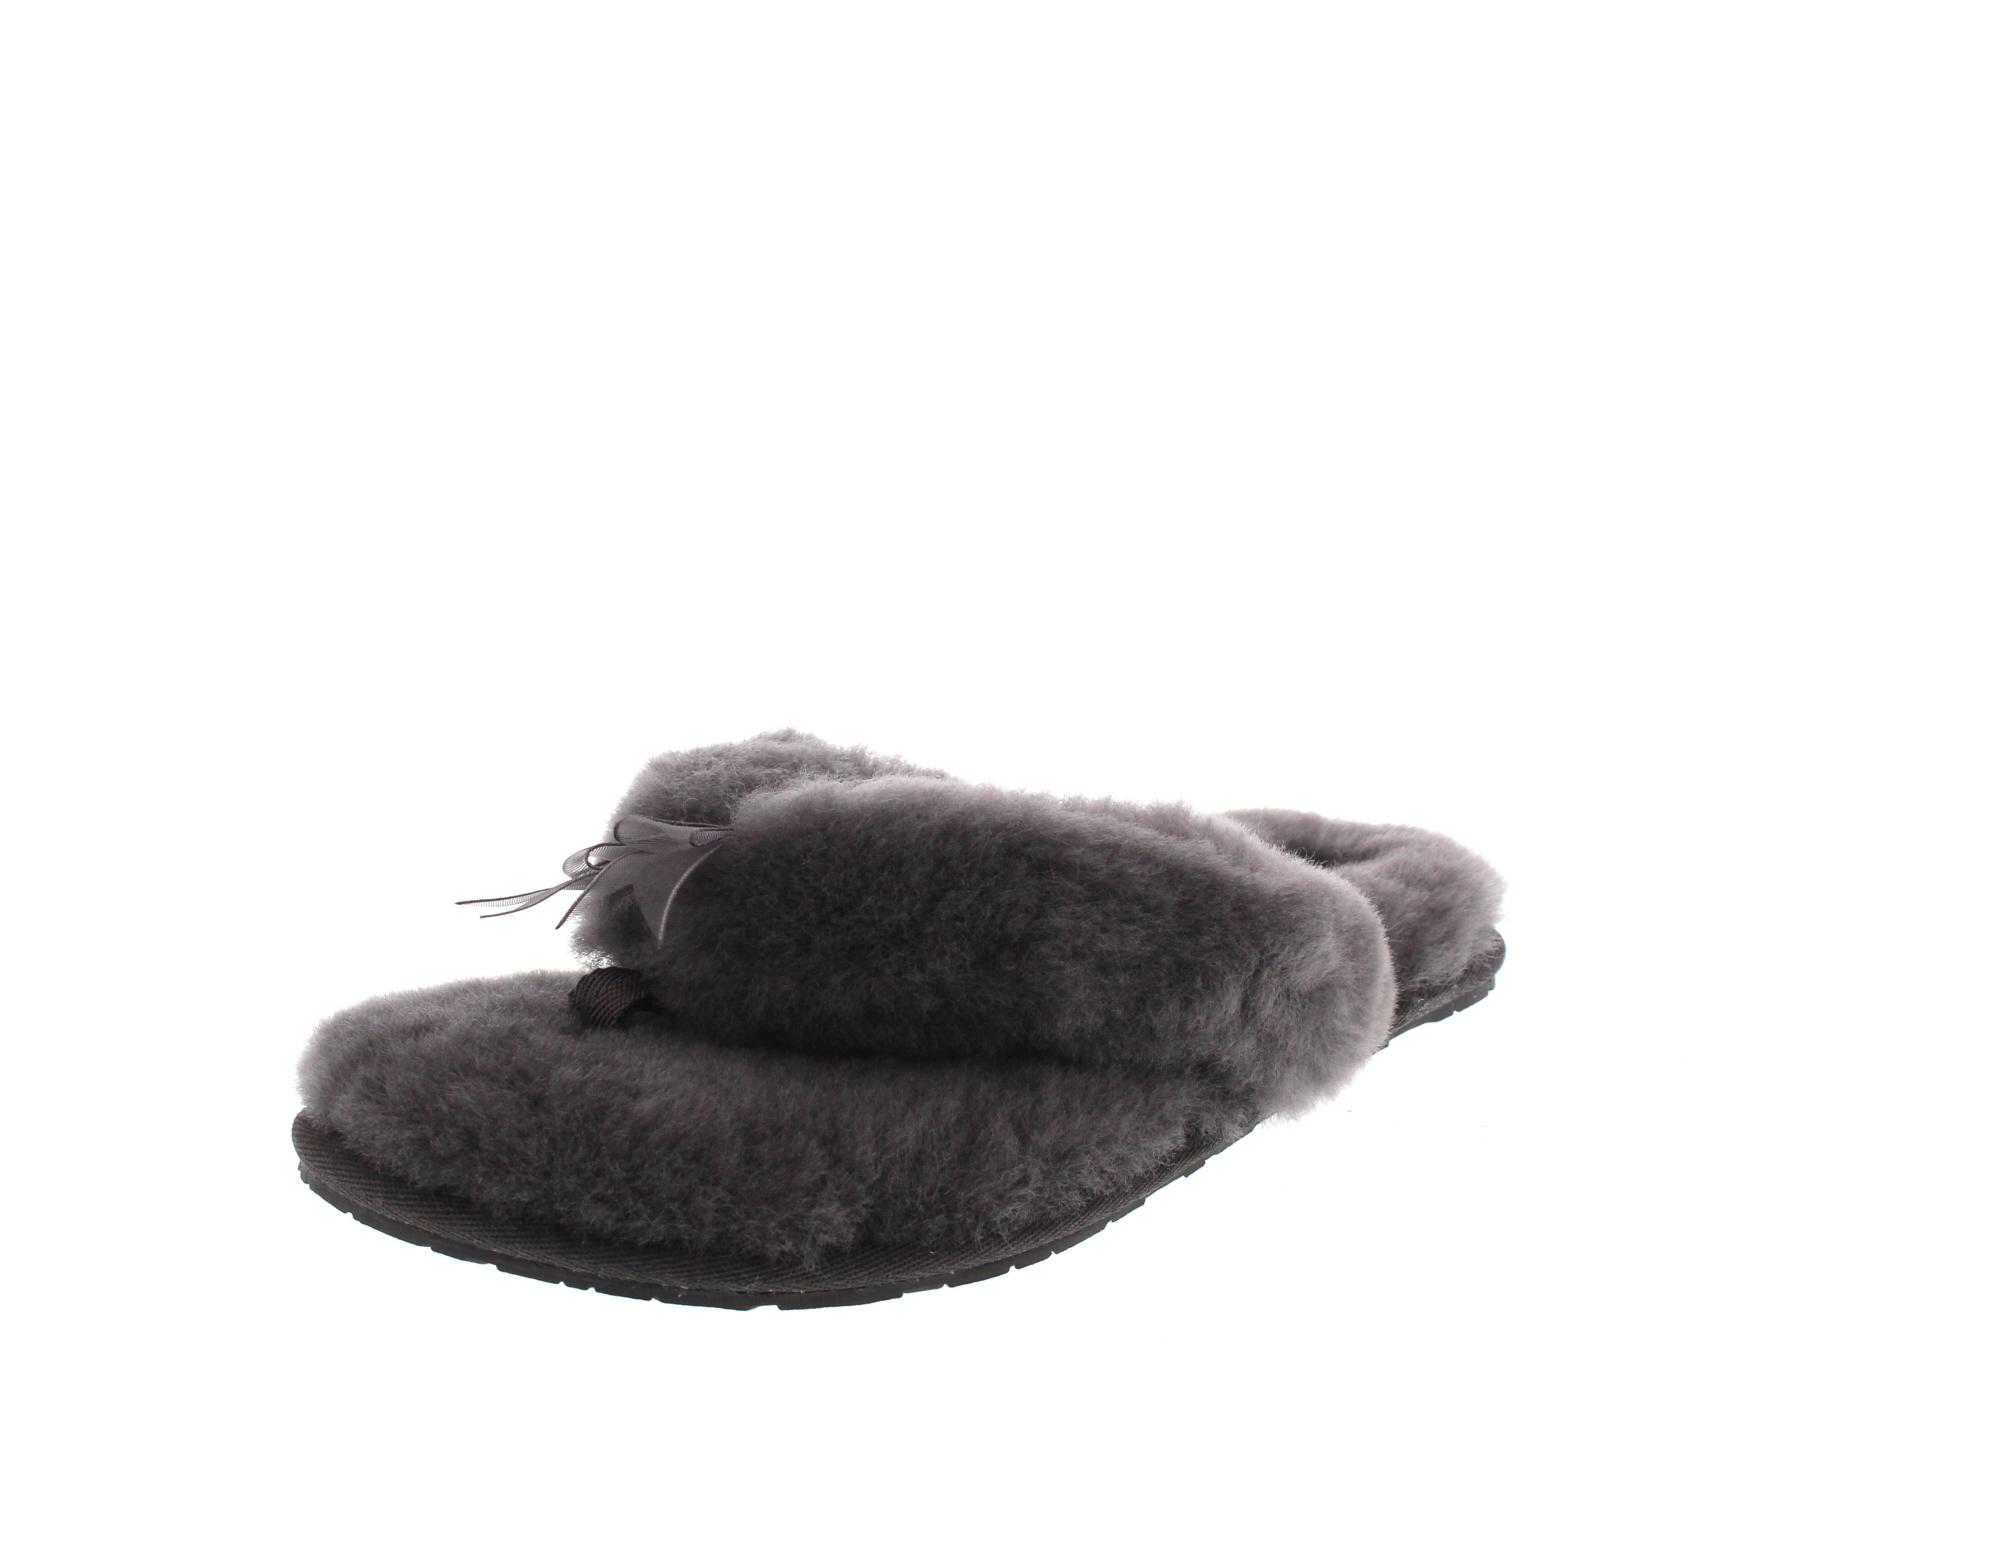 UGG Damen - Hausschuhe FLUFF FLIP II 1003492 - grey-0